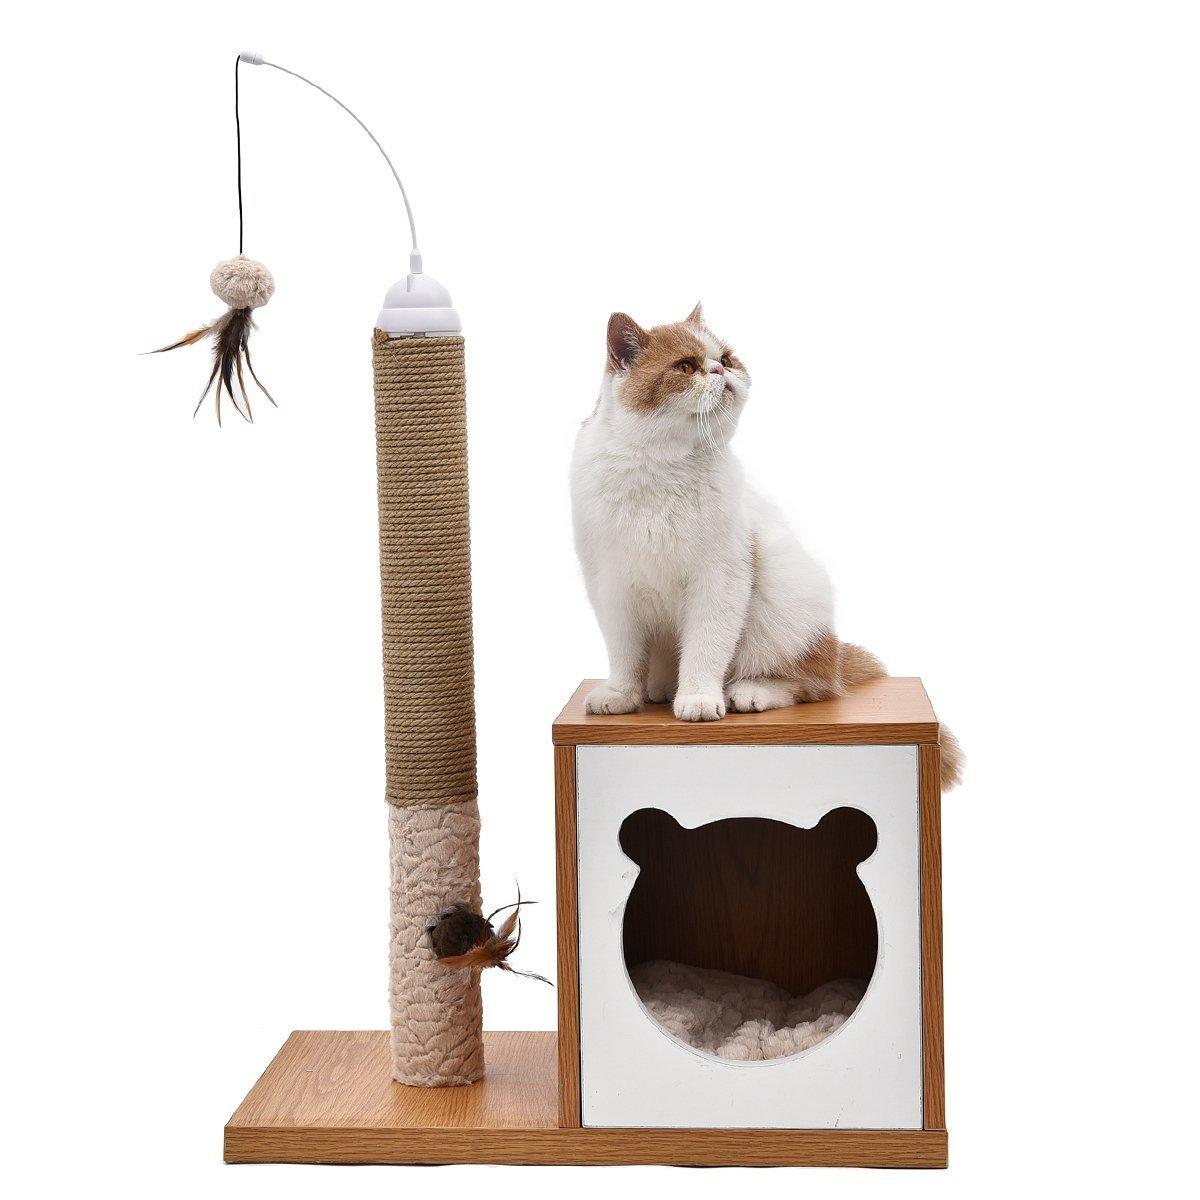 JILAN HOME- Katzen-Baum-Haustier-Kratzer-natürliches Sisal-Kätzchen-Spielwaren mit Ballkarton-Entwurf